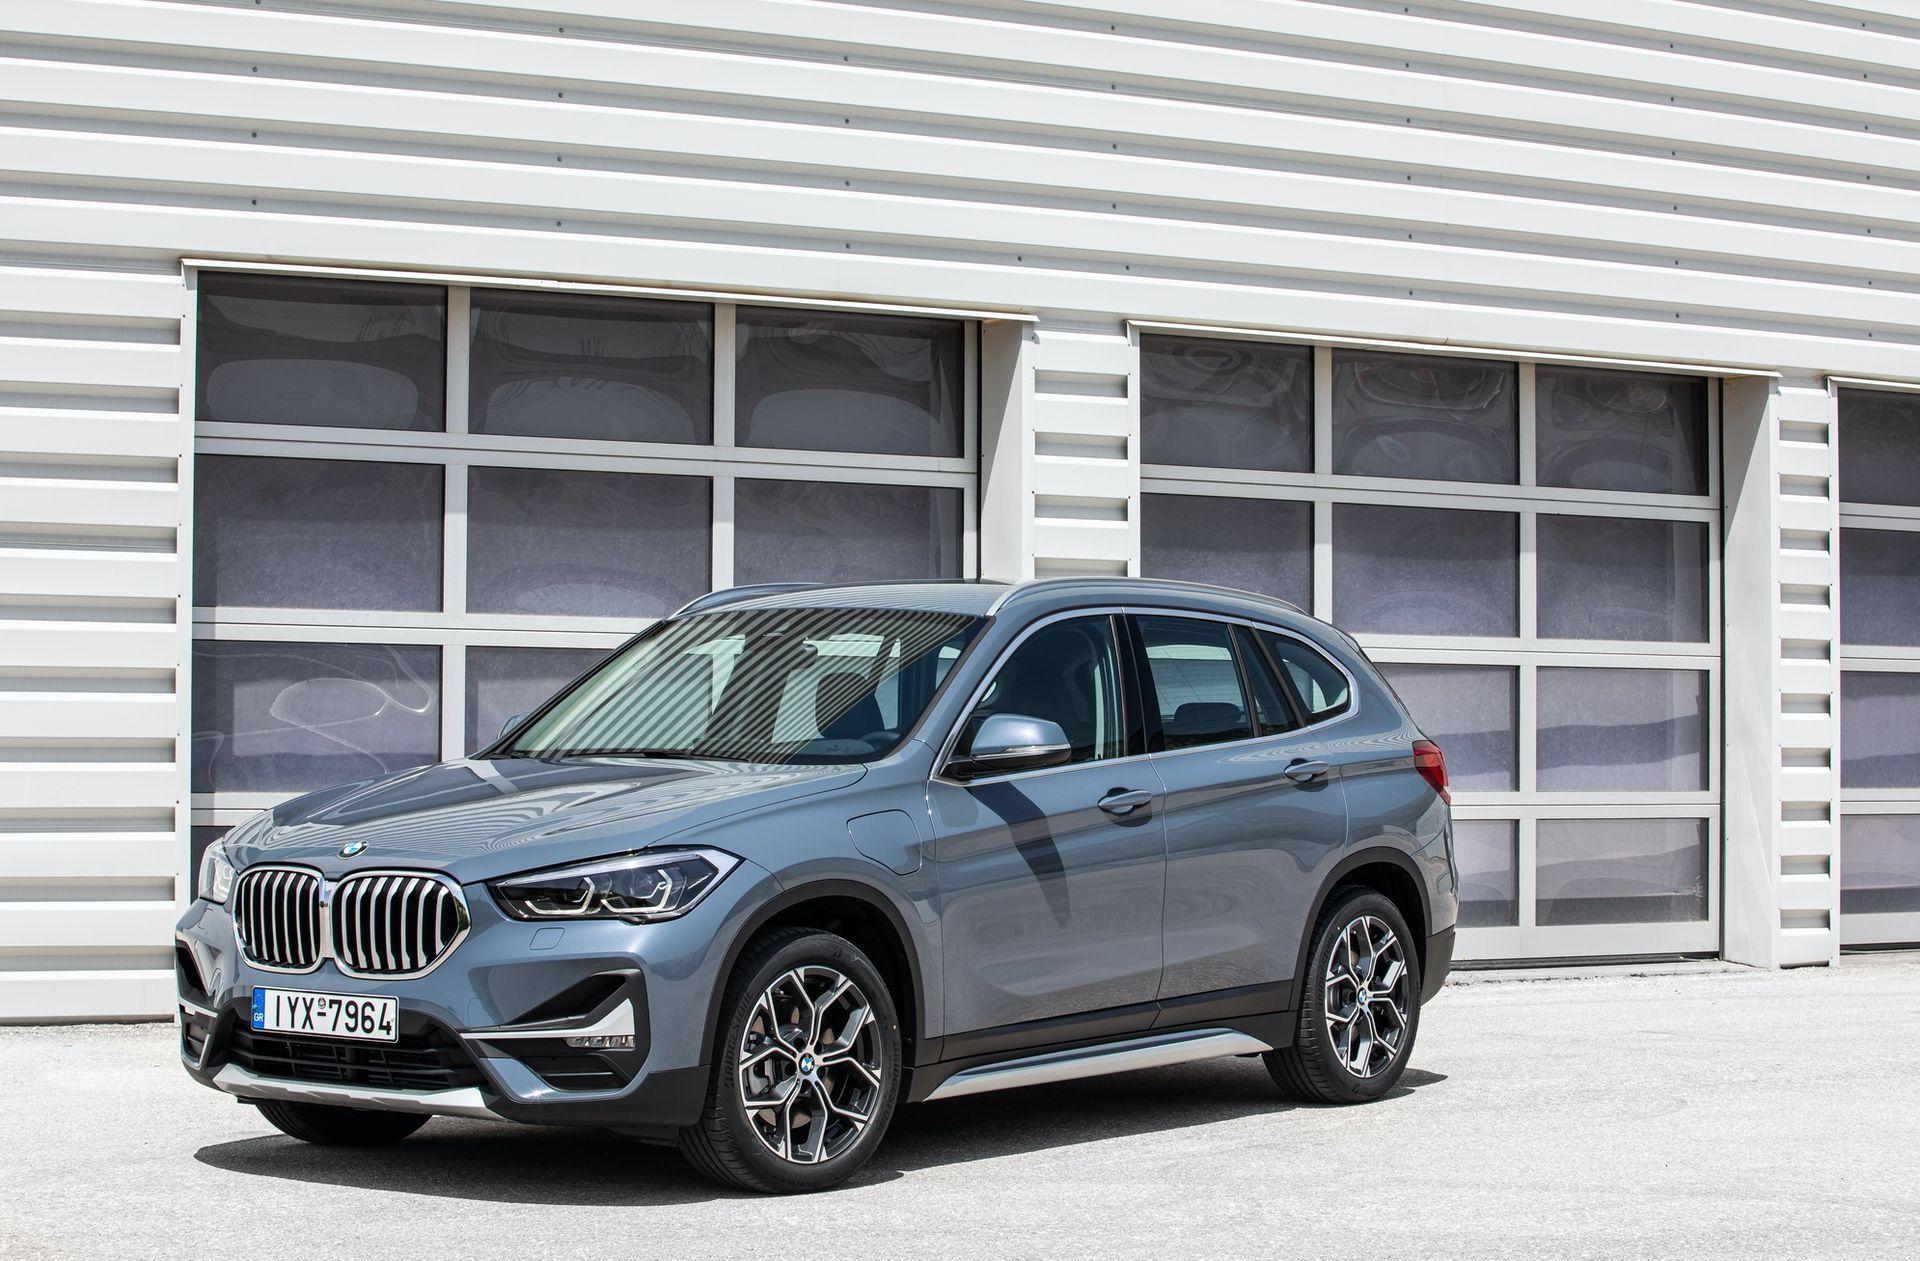 BMW_X1_xDrive25e_Greek_0018